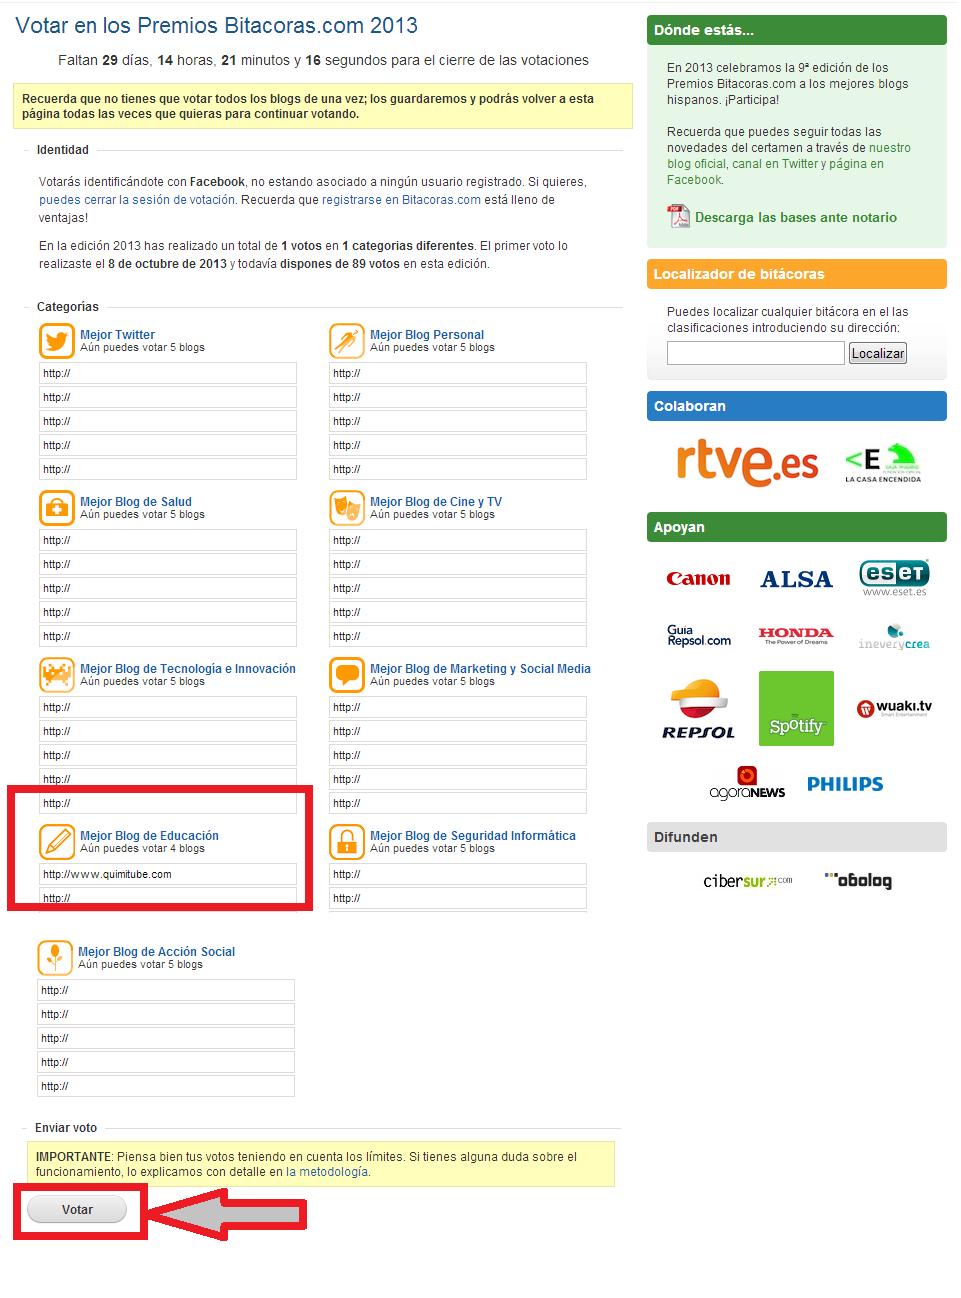 Votaciones de usuario en los Bitácoras 2013